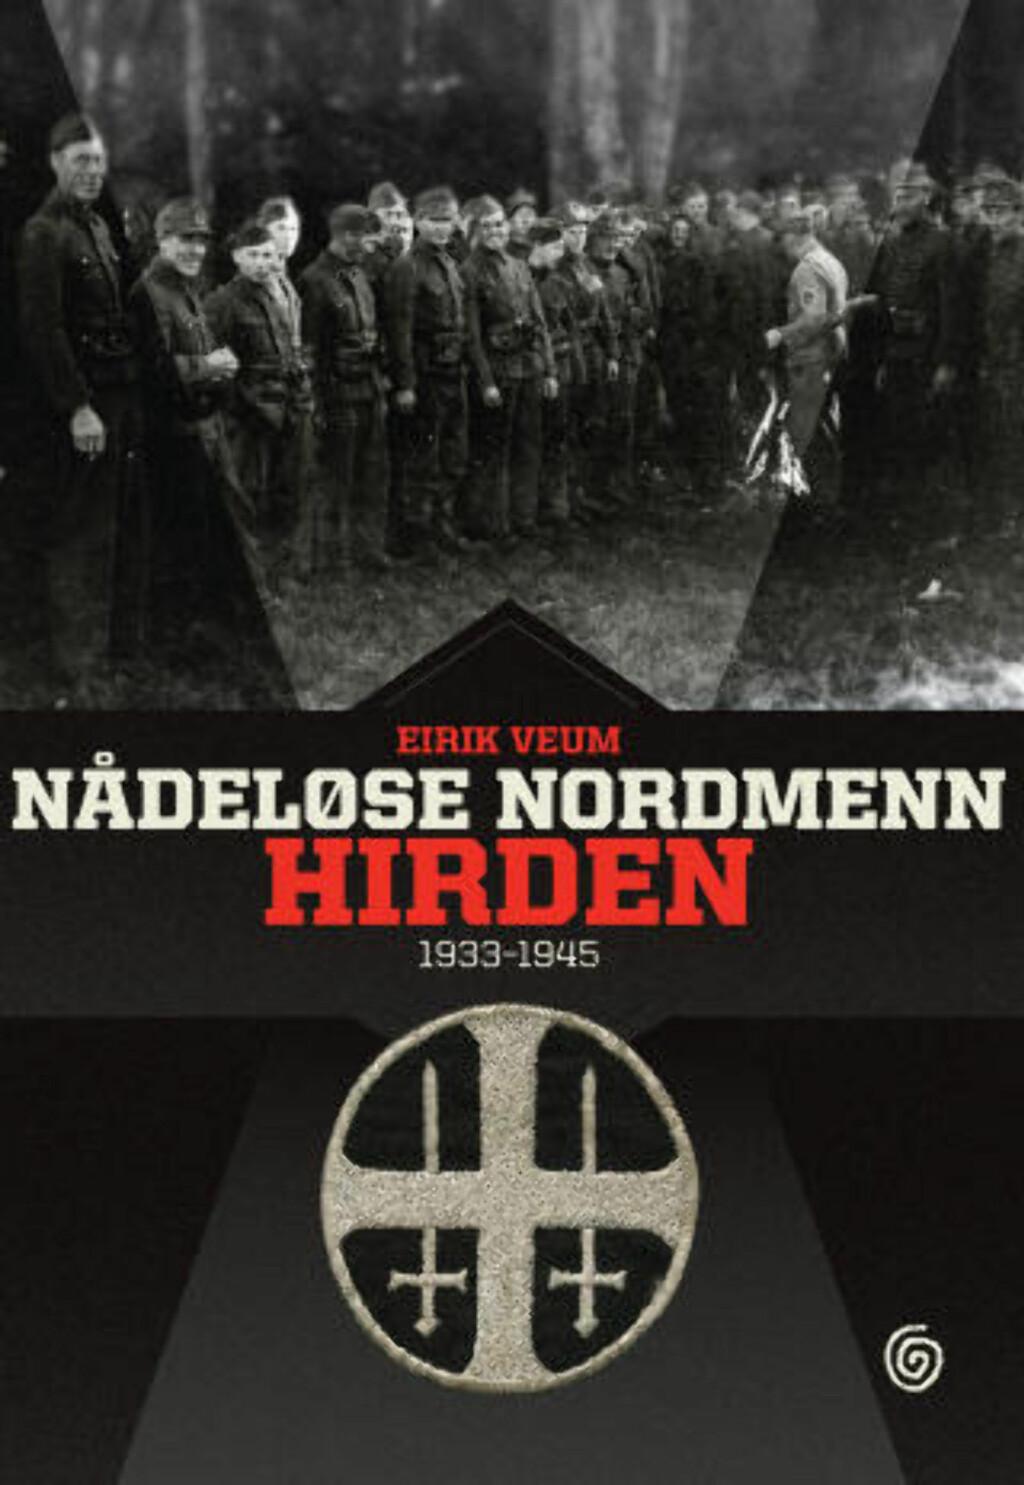 SERIE: «Nådeløse nordmenn — Hirden 1933-1945» er den andre av tre bøker om nordmenn i tysk tjeneste under krigen. Foto: Kagge Forlag